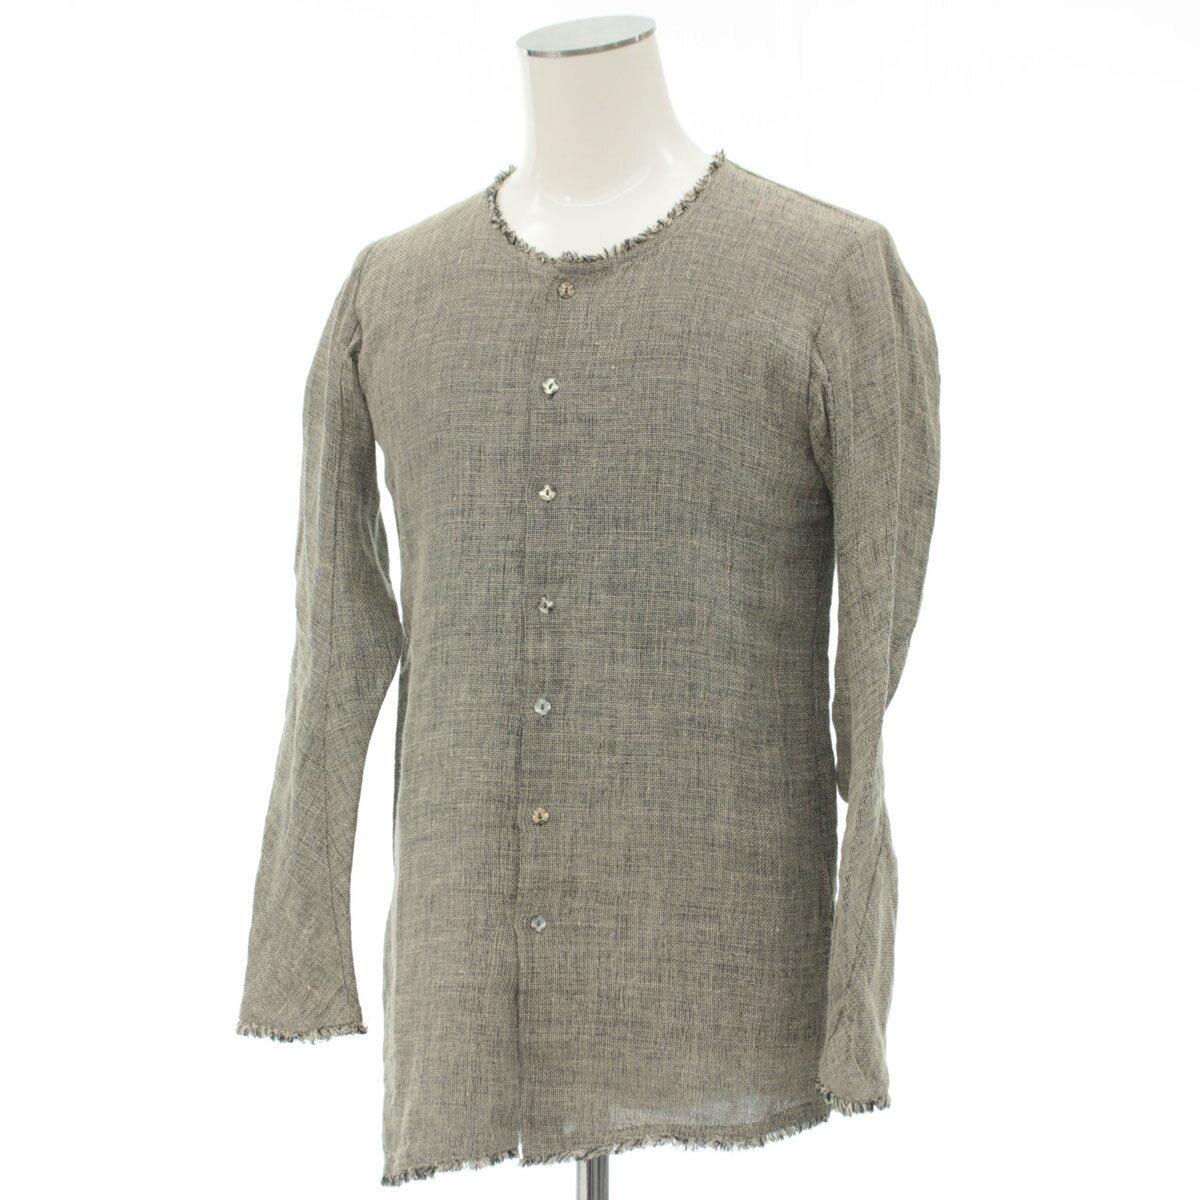 トップス, カジュアルシャツ N07 44 gray